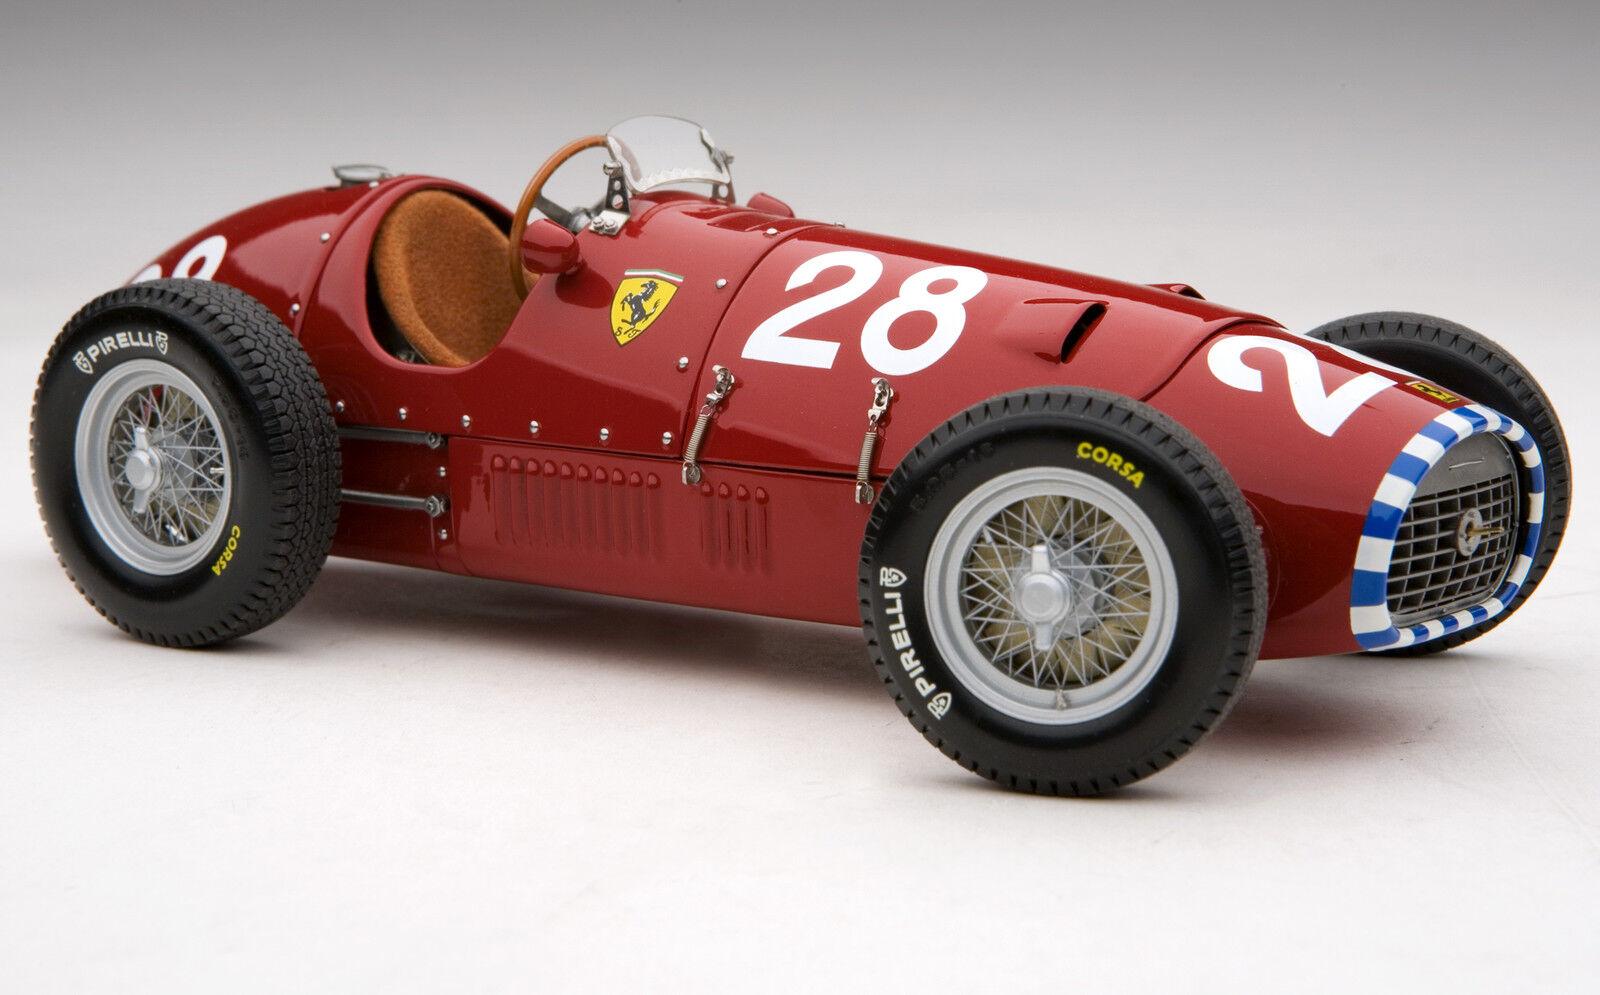 Exoto 1952 Ferrari 500 F2Grand Prix de SuizaNino Farina1:18GPC97199